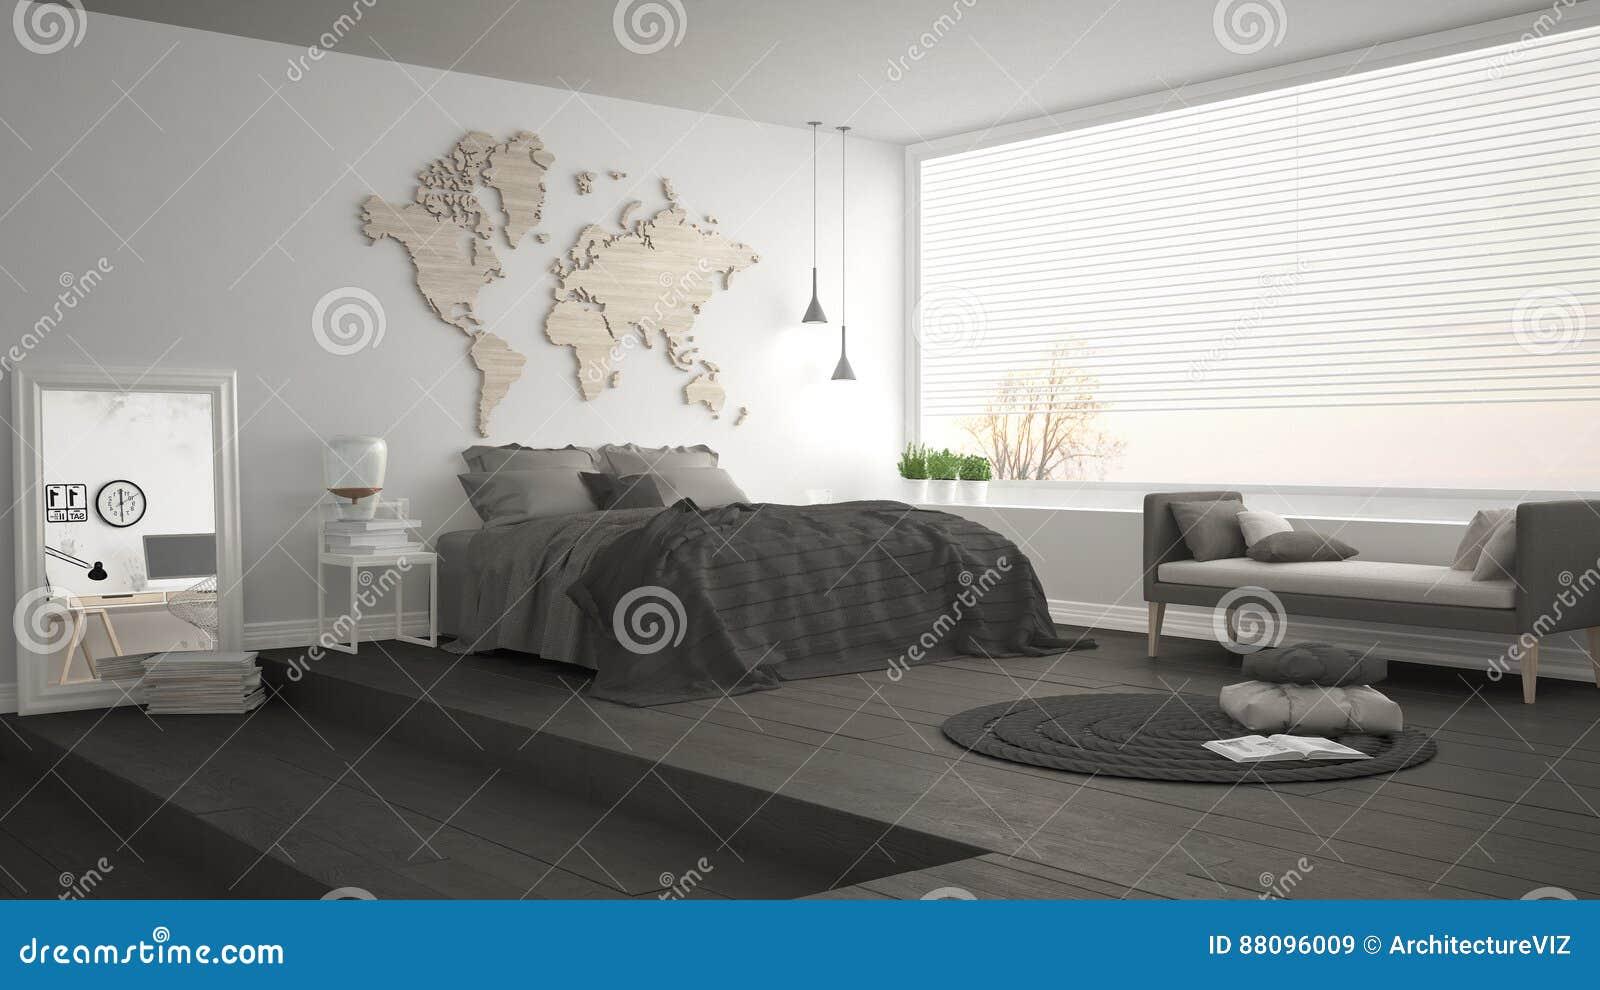 Camere Da Letto Design Minimalista : Camera da letto minimalista scandinava interno moderno